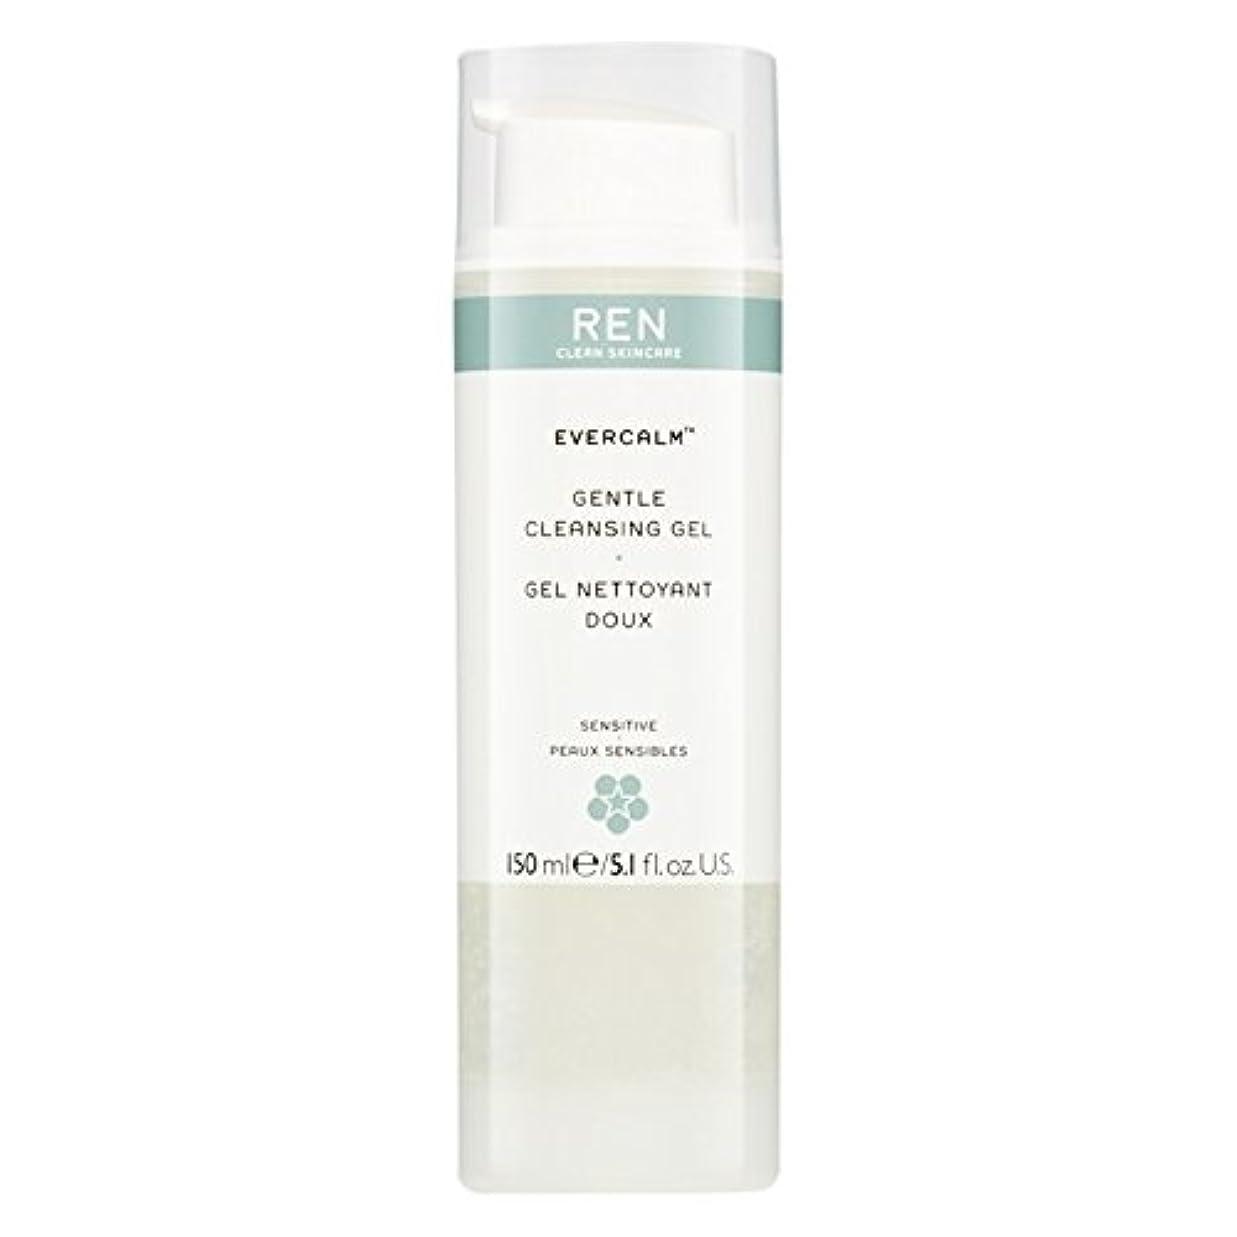 運賃起こりやすい縫い目Ren Evercalm優しいクレンジングジェル、150ミリリットル (REN) (x6) - REN Evercalm Gentle Cleansing Gel, 150ml (Pack of 6) [並行輸入品]